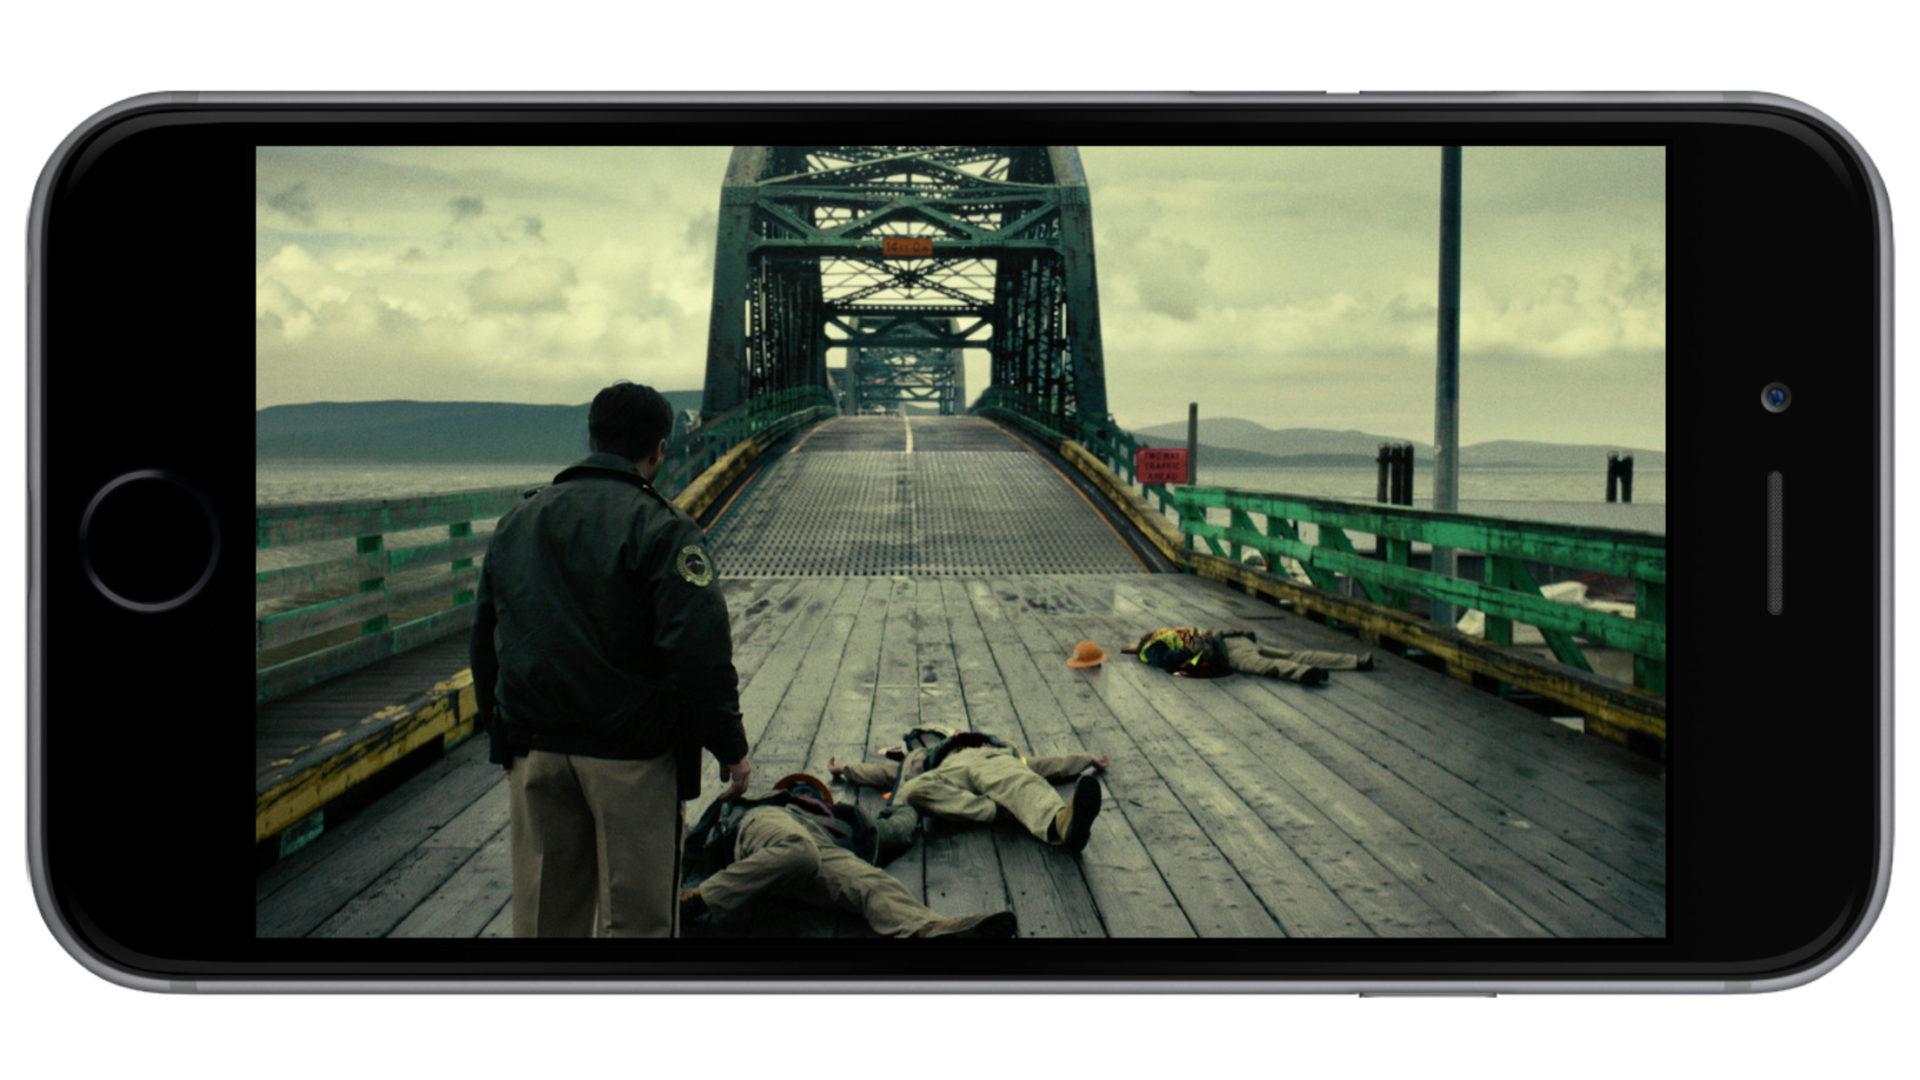 Моста на самом деле там нет